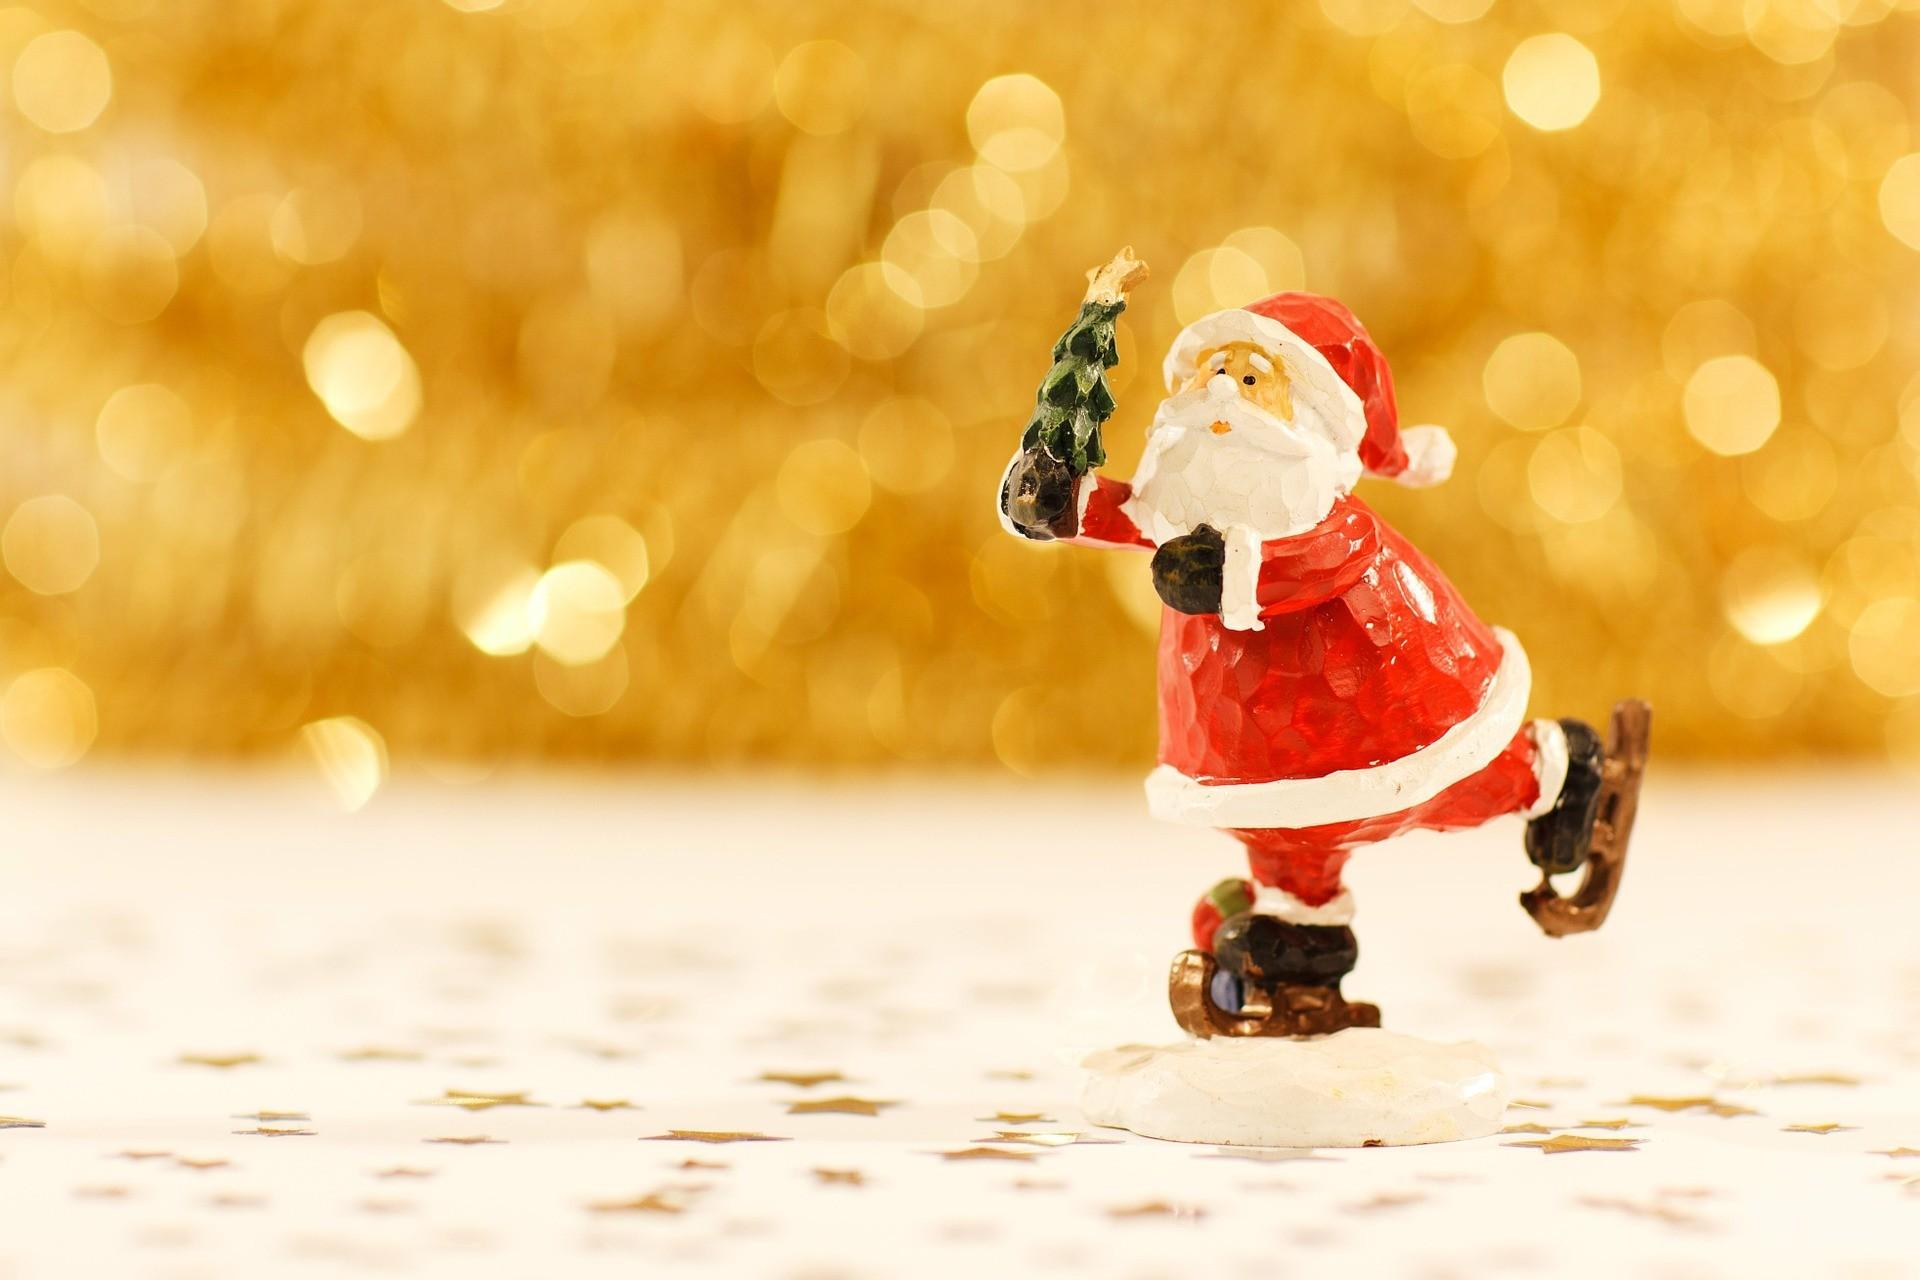 Weihnachtseislaufen